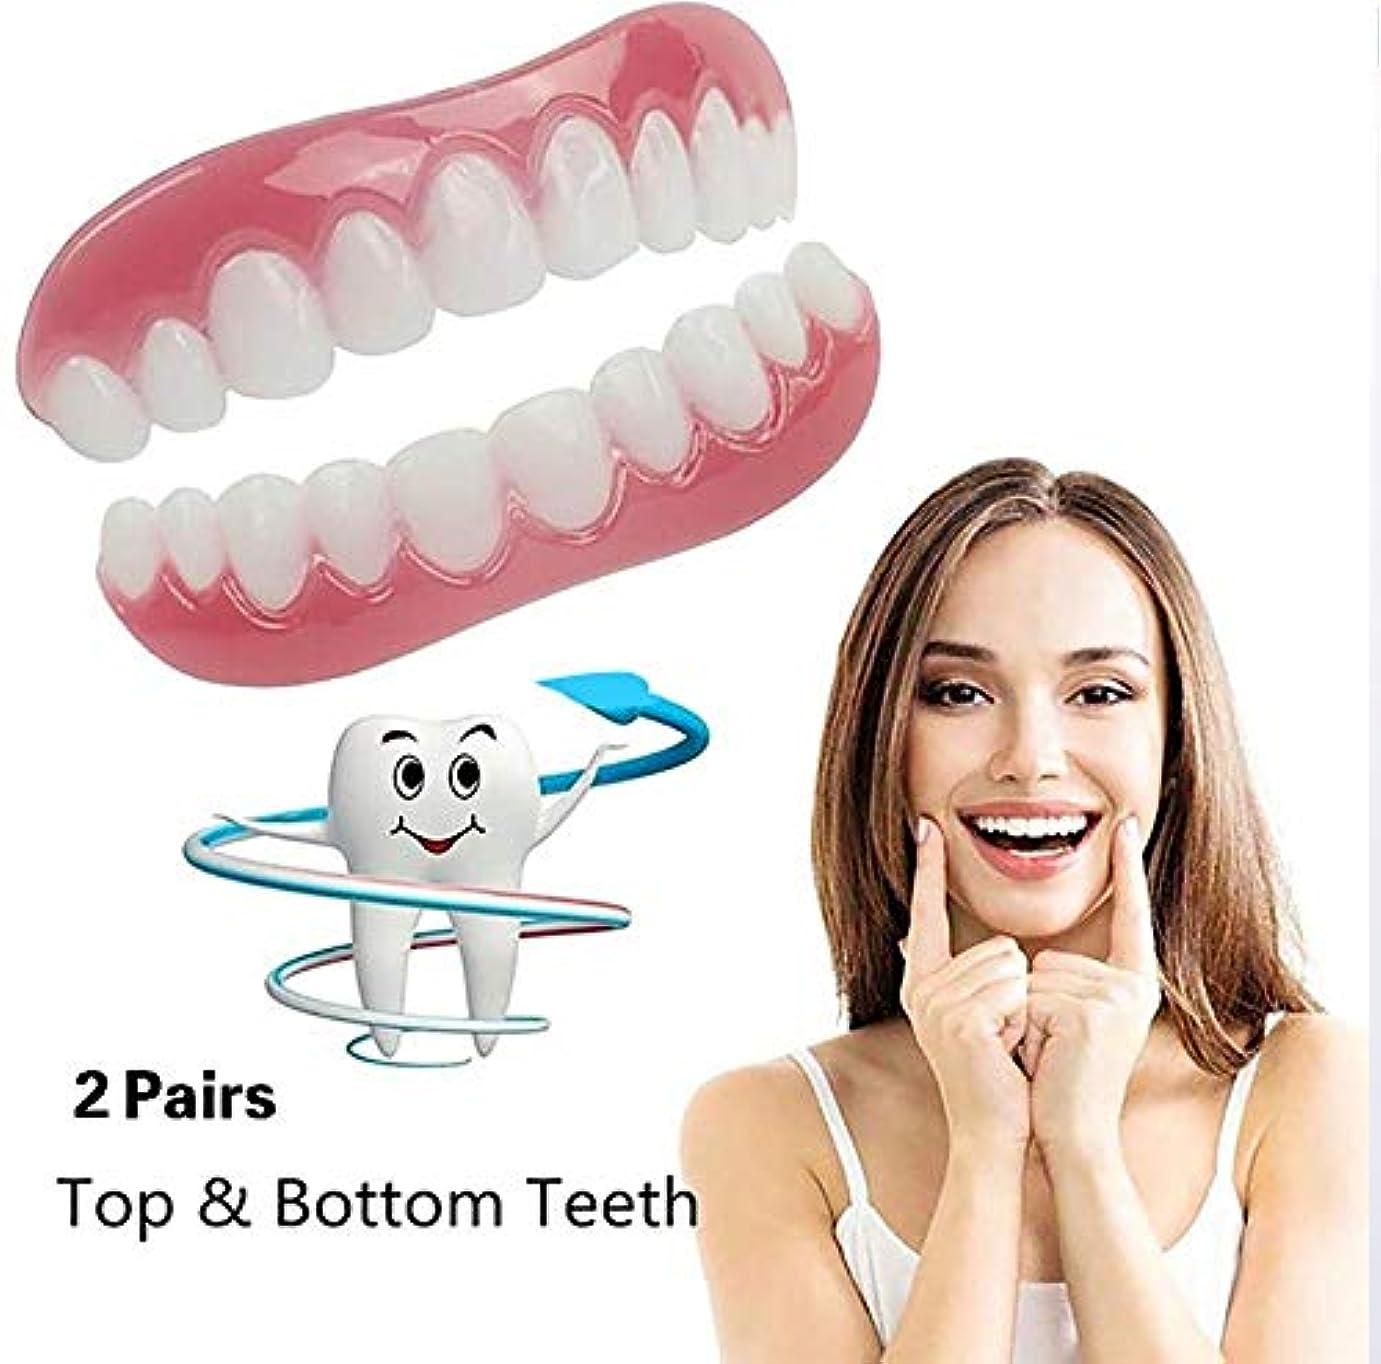 包帯チップ罰するパーフェクトインスタントスマイルティースベニヤインスタントビューティー2本入れ歯2本下歯(フリーサイズ(中))